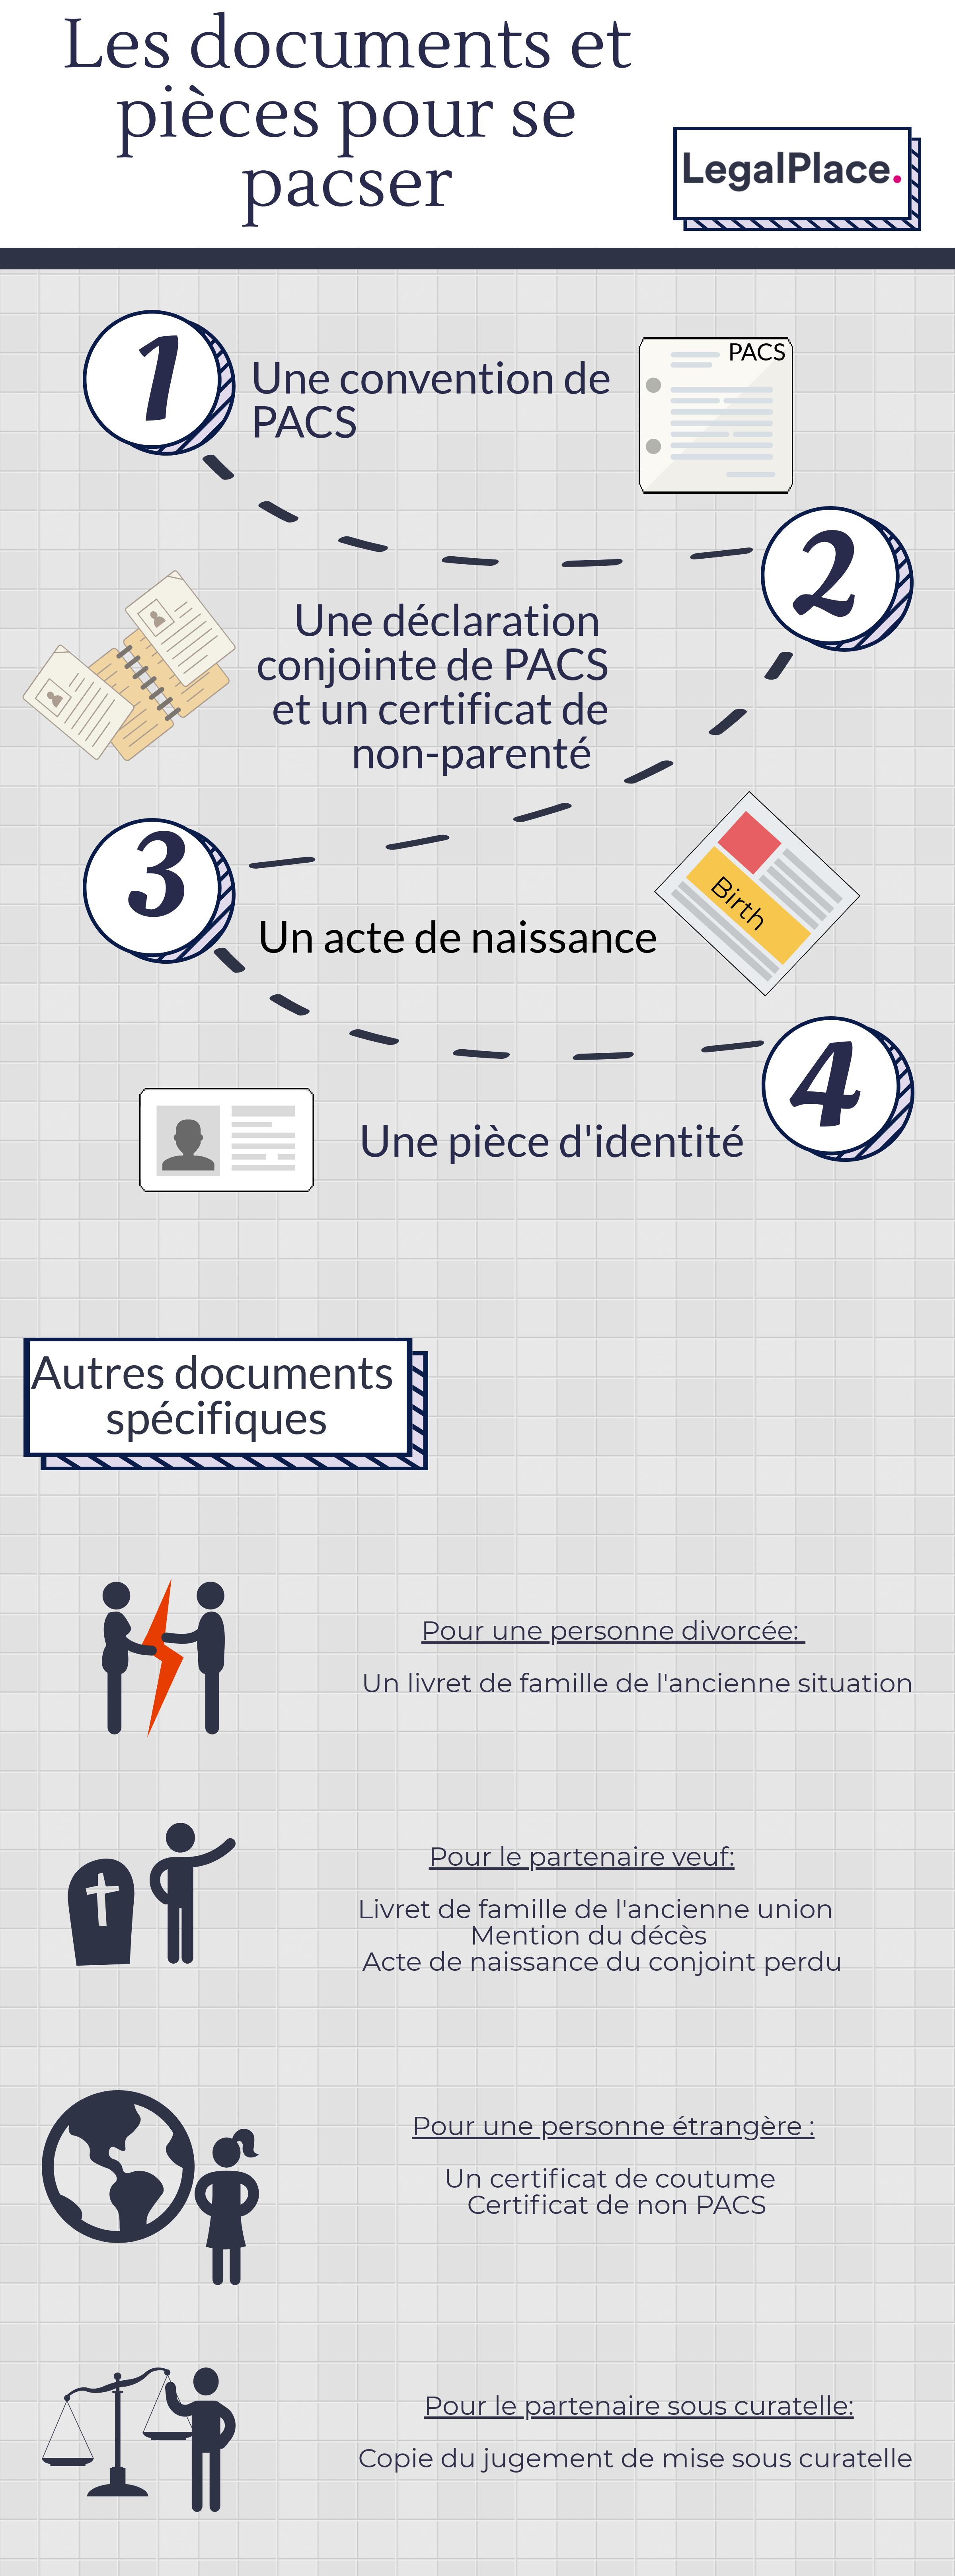 Les documents nécessaires pour un PACS